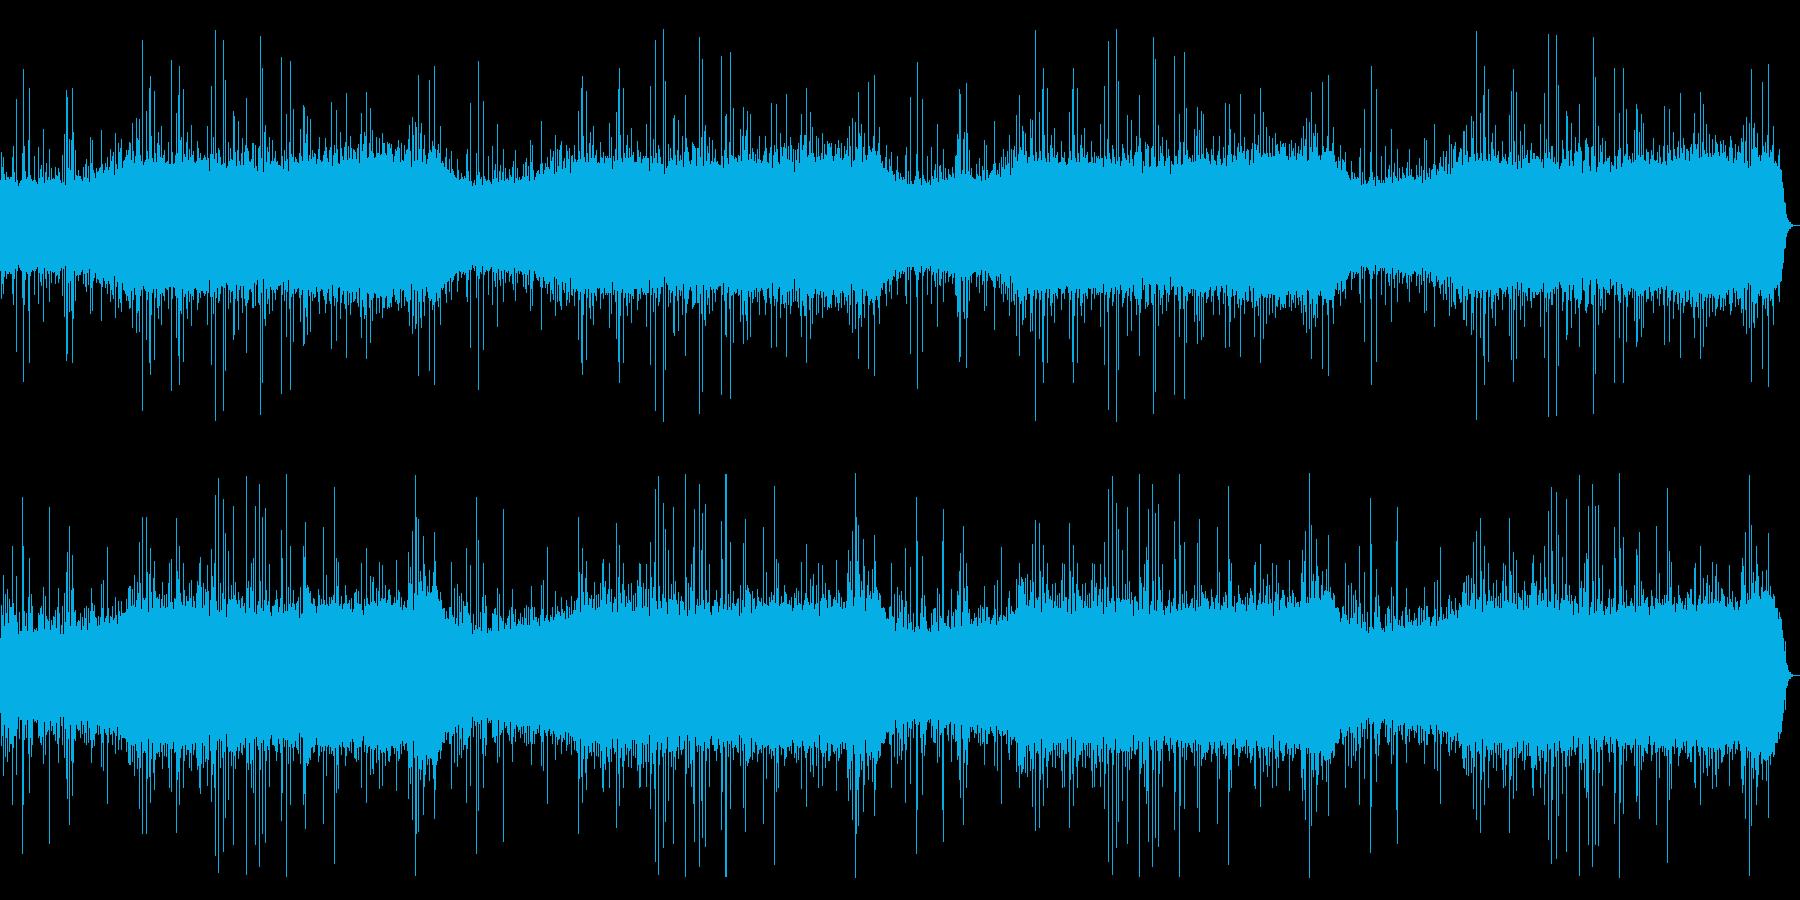 雨の音。トタンにあたる音が印象的。の再生済みの波形